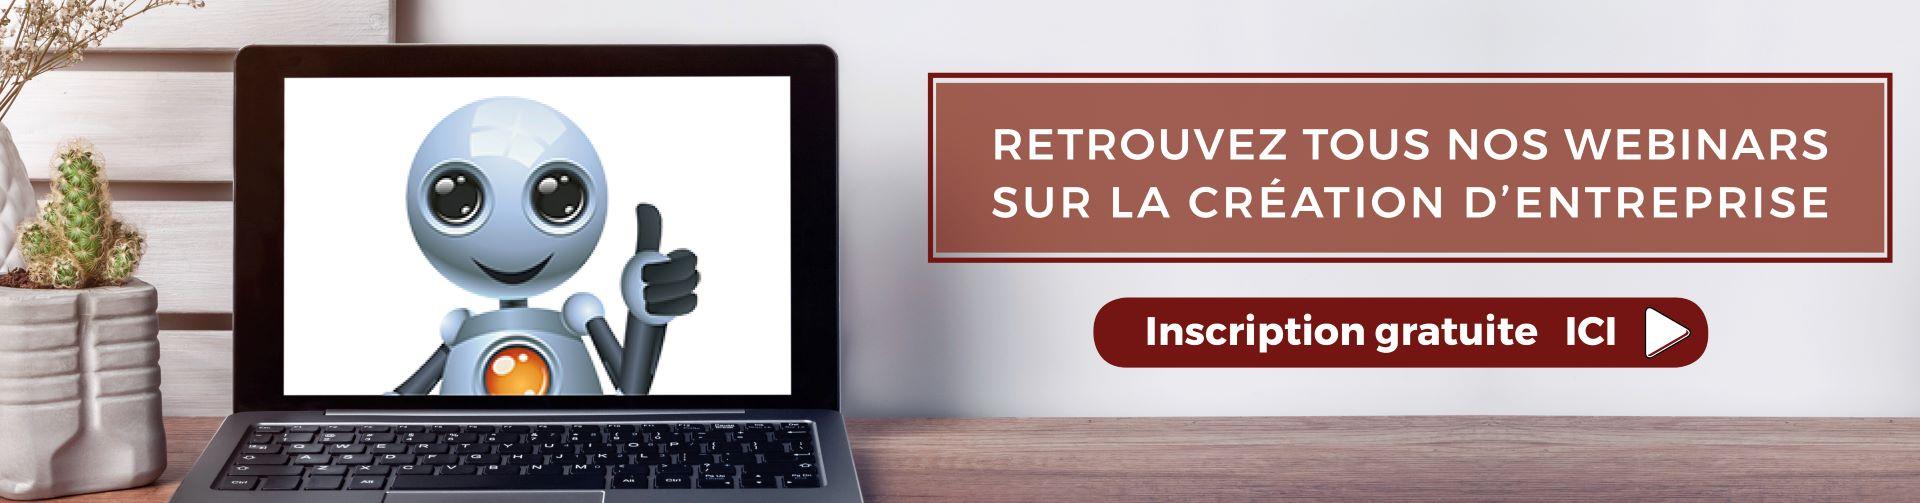 slide_tous_les_webinars_creation_entreprise.jpg